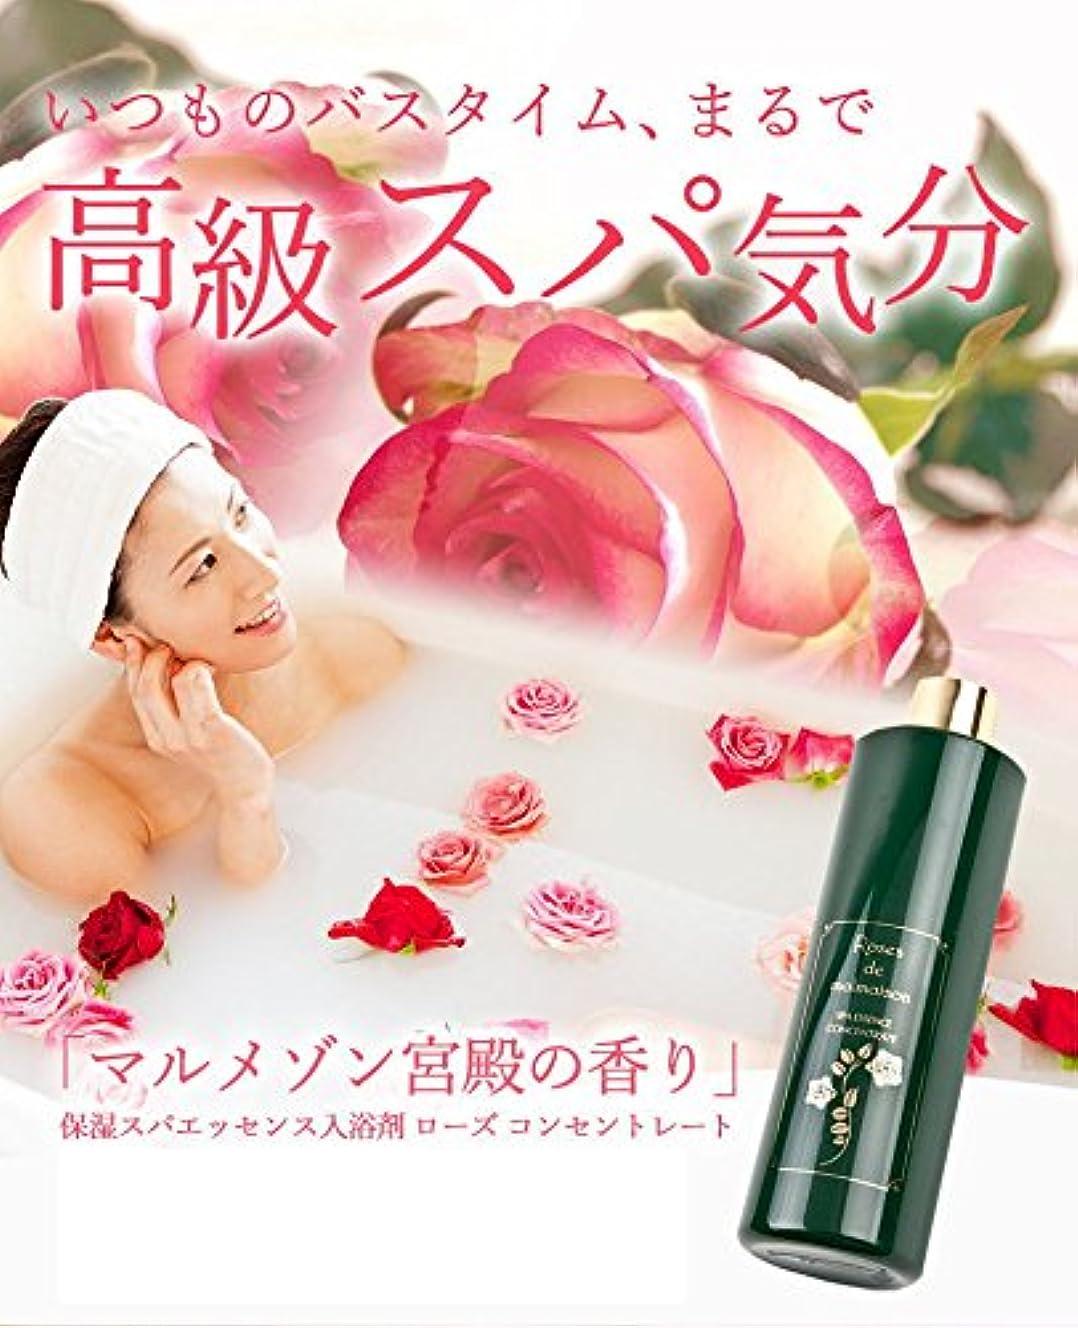 いじめっ子同化固めるローズドマルメゾン スパエッセンス コンセントレート バラの香りの入浴剤 天然ローズの香り 高級スパのような入浴剤